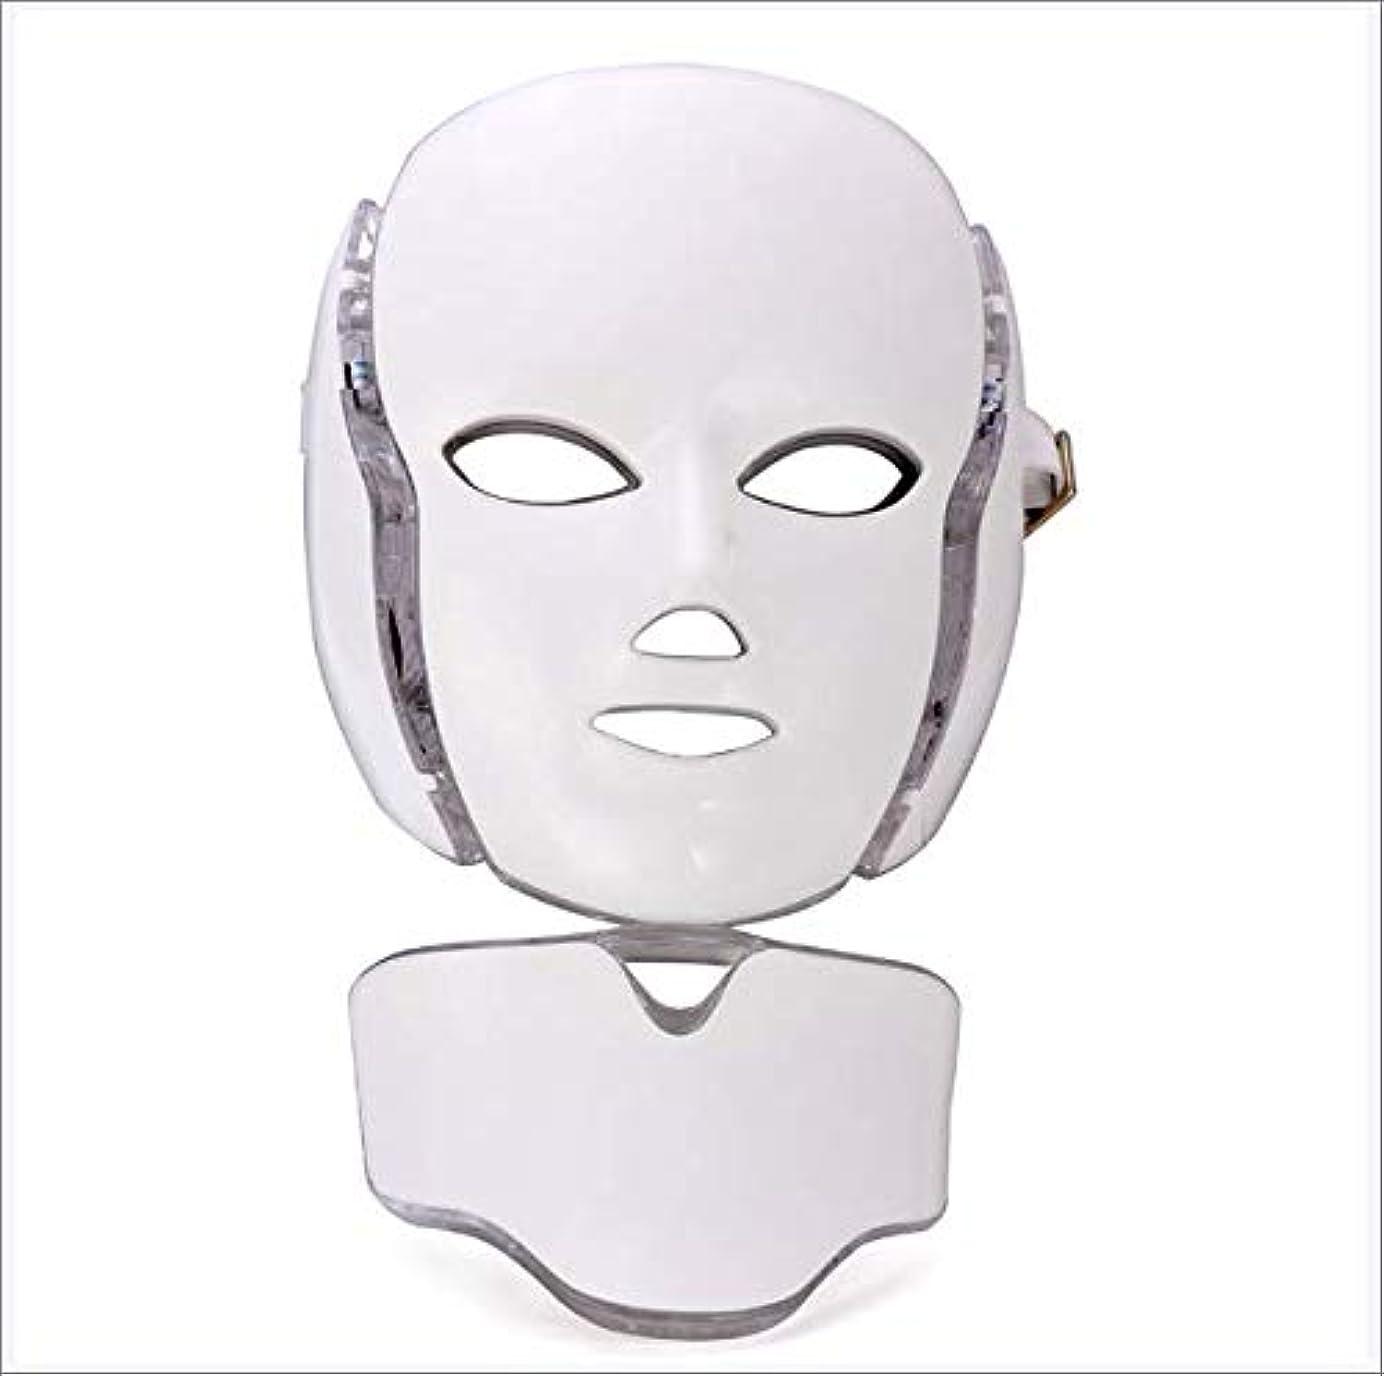 頼る時々時々変装LEDフェイスマスク7色光療法マスクコラーゲン、LED光線療法美容器具、首カバースーツ付き皮膚締め付け器具